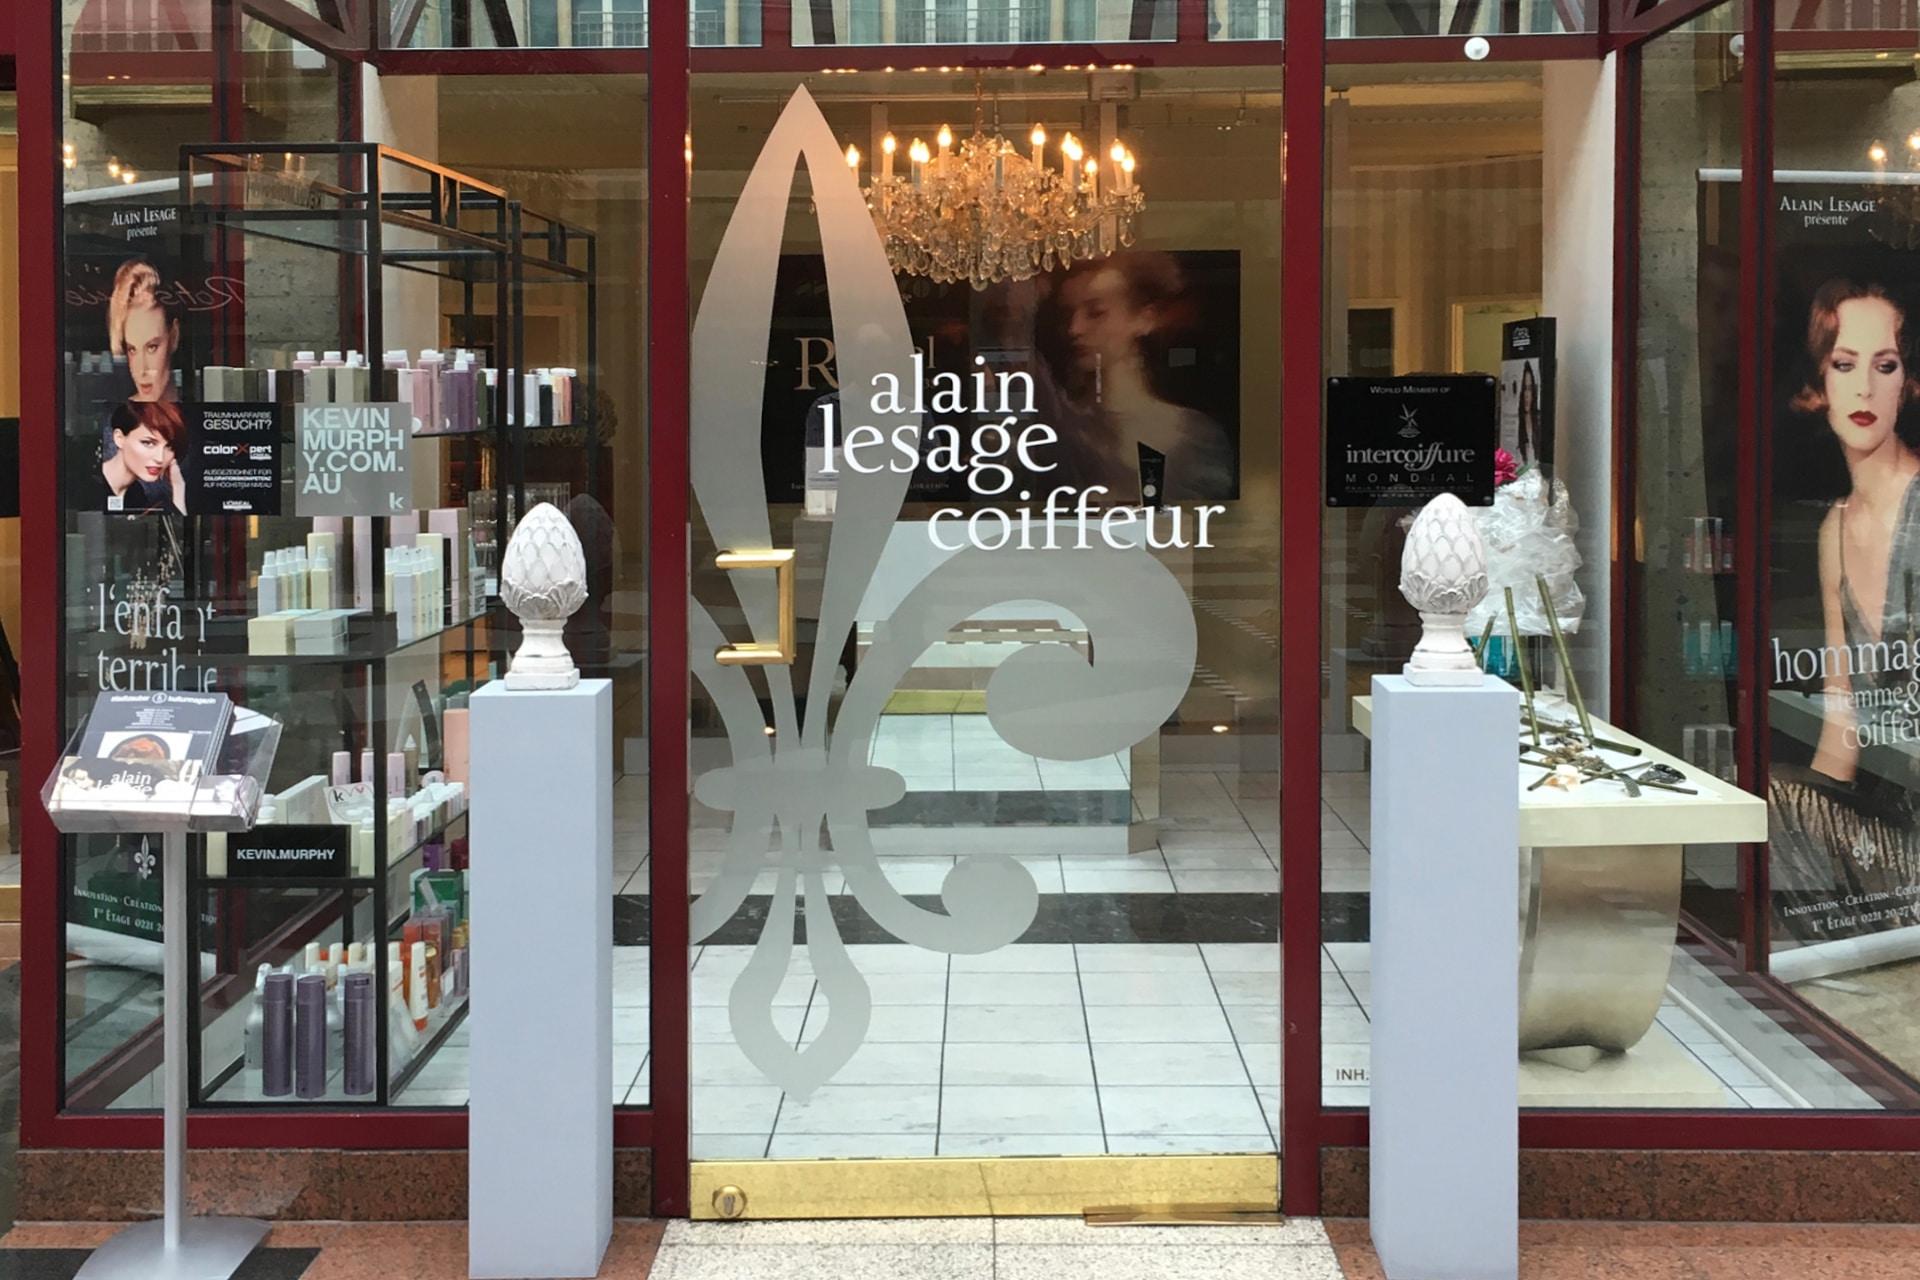 Alain lesage coiffeur salon k ln deluxe die regionale for Miroir salon de coiffure